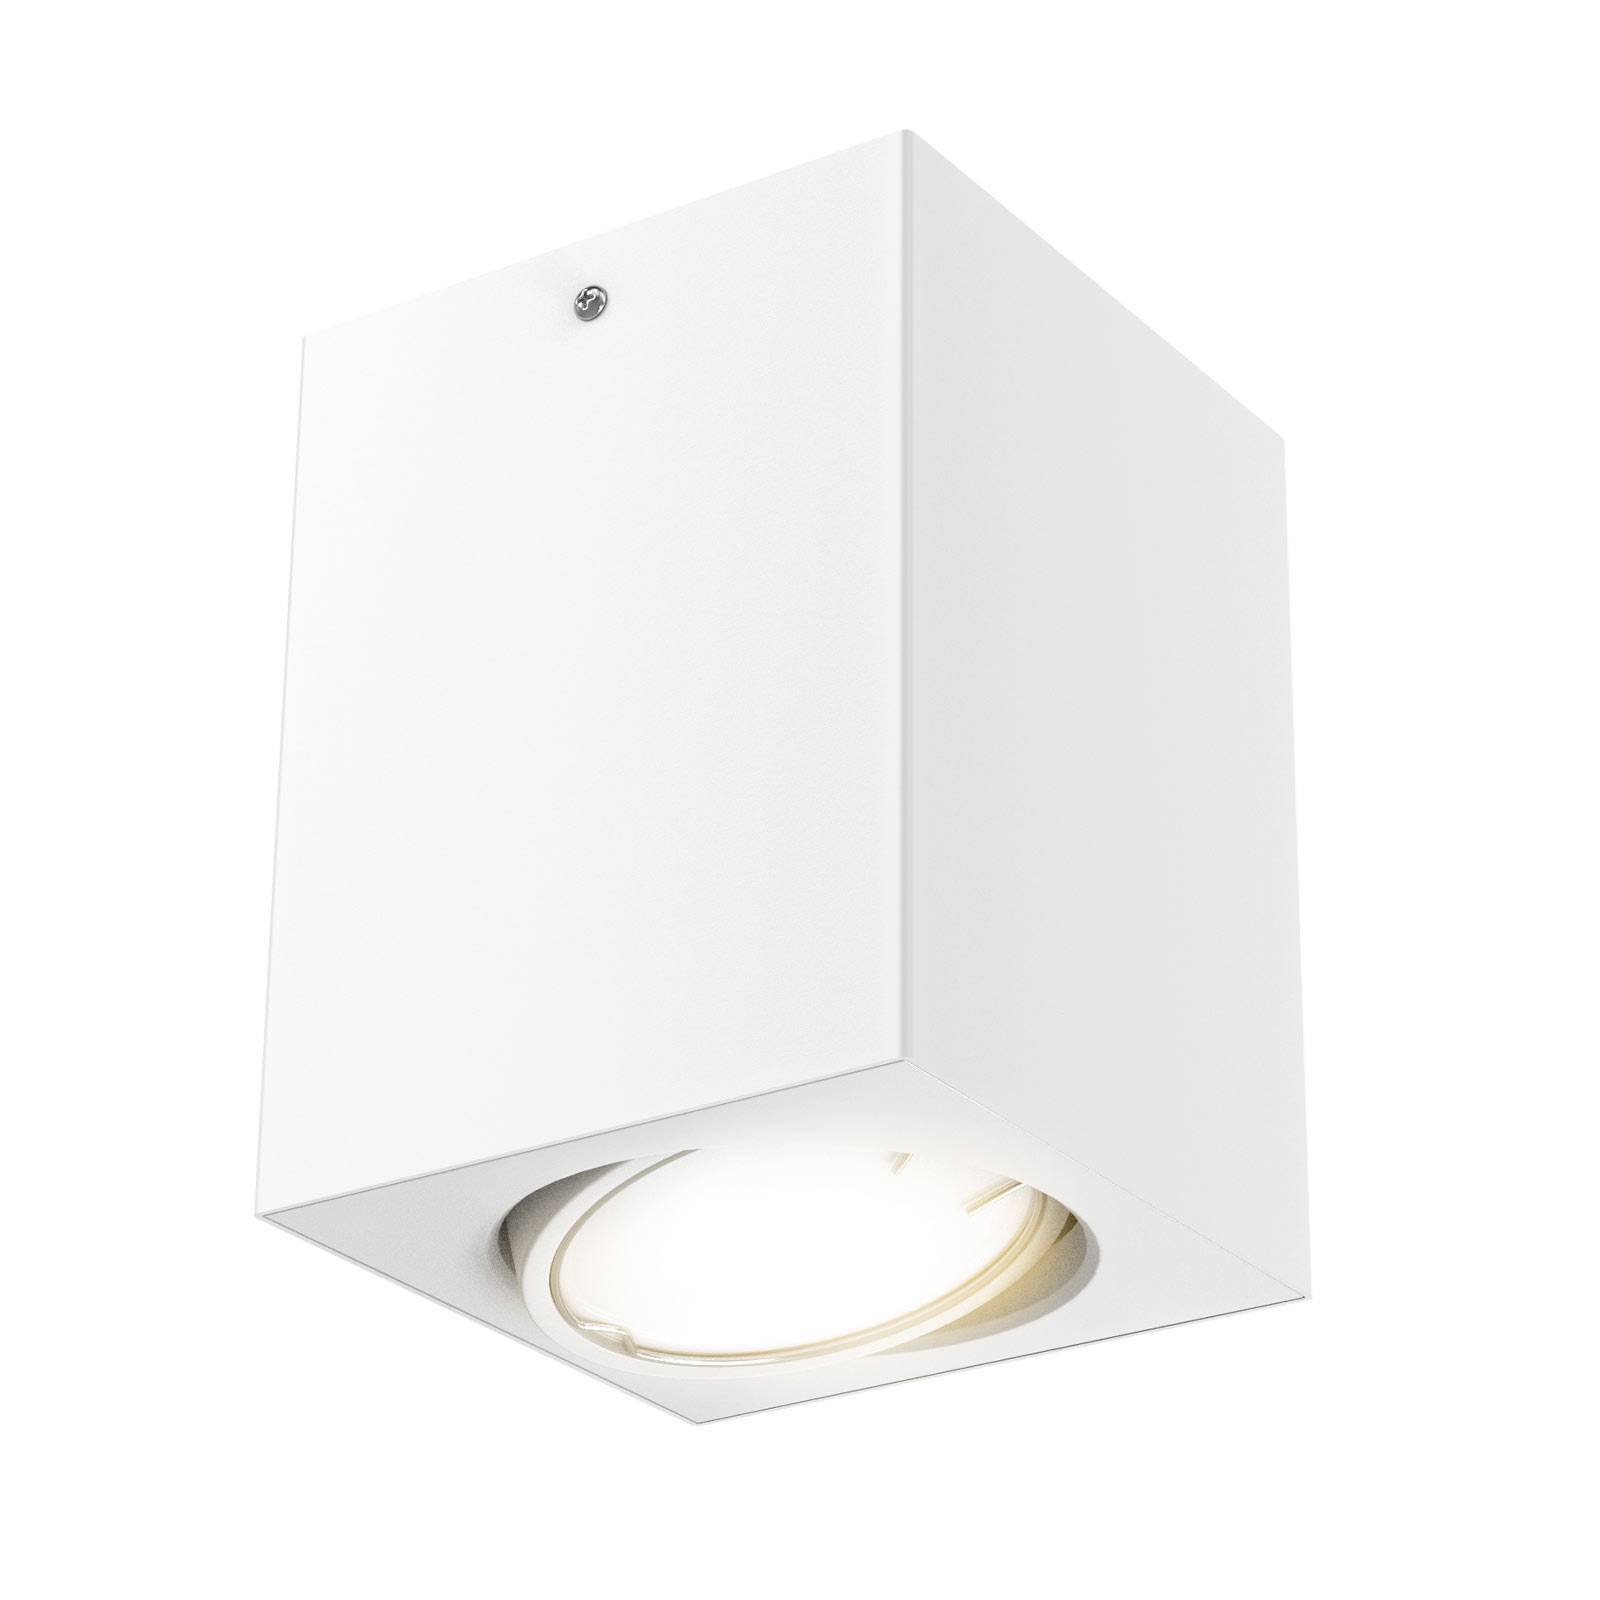 LED-taklampe 7120 med GU10-LED-pære, hvit